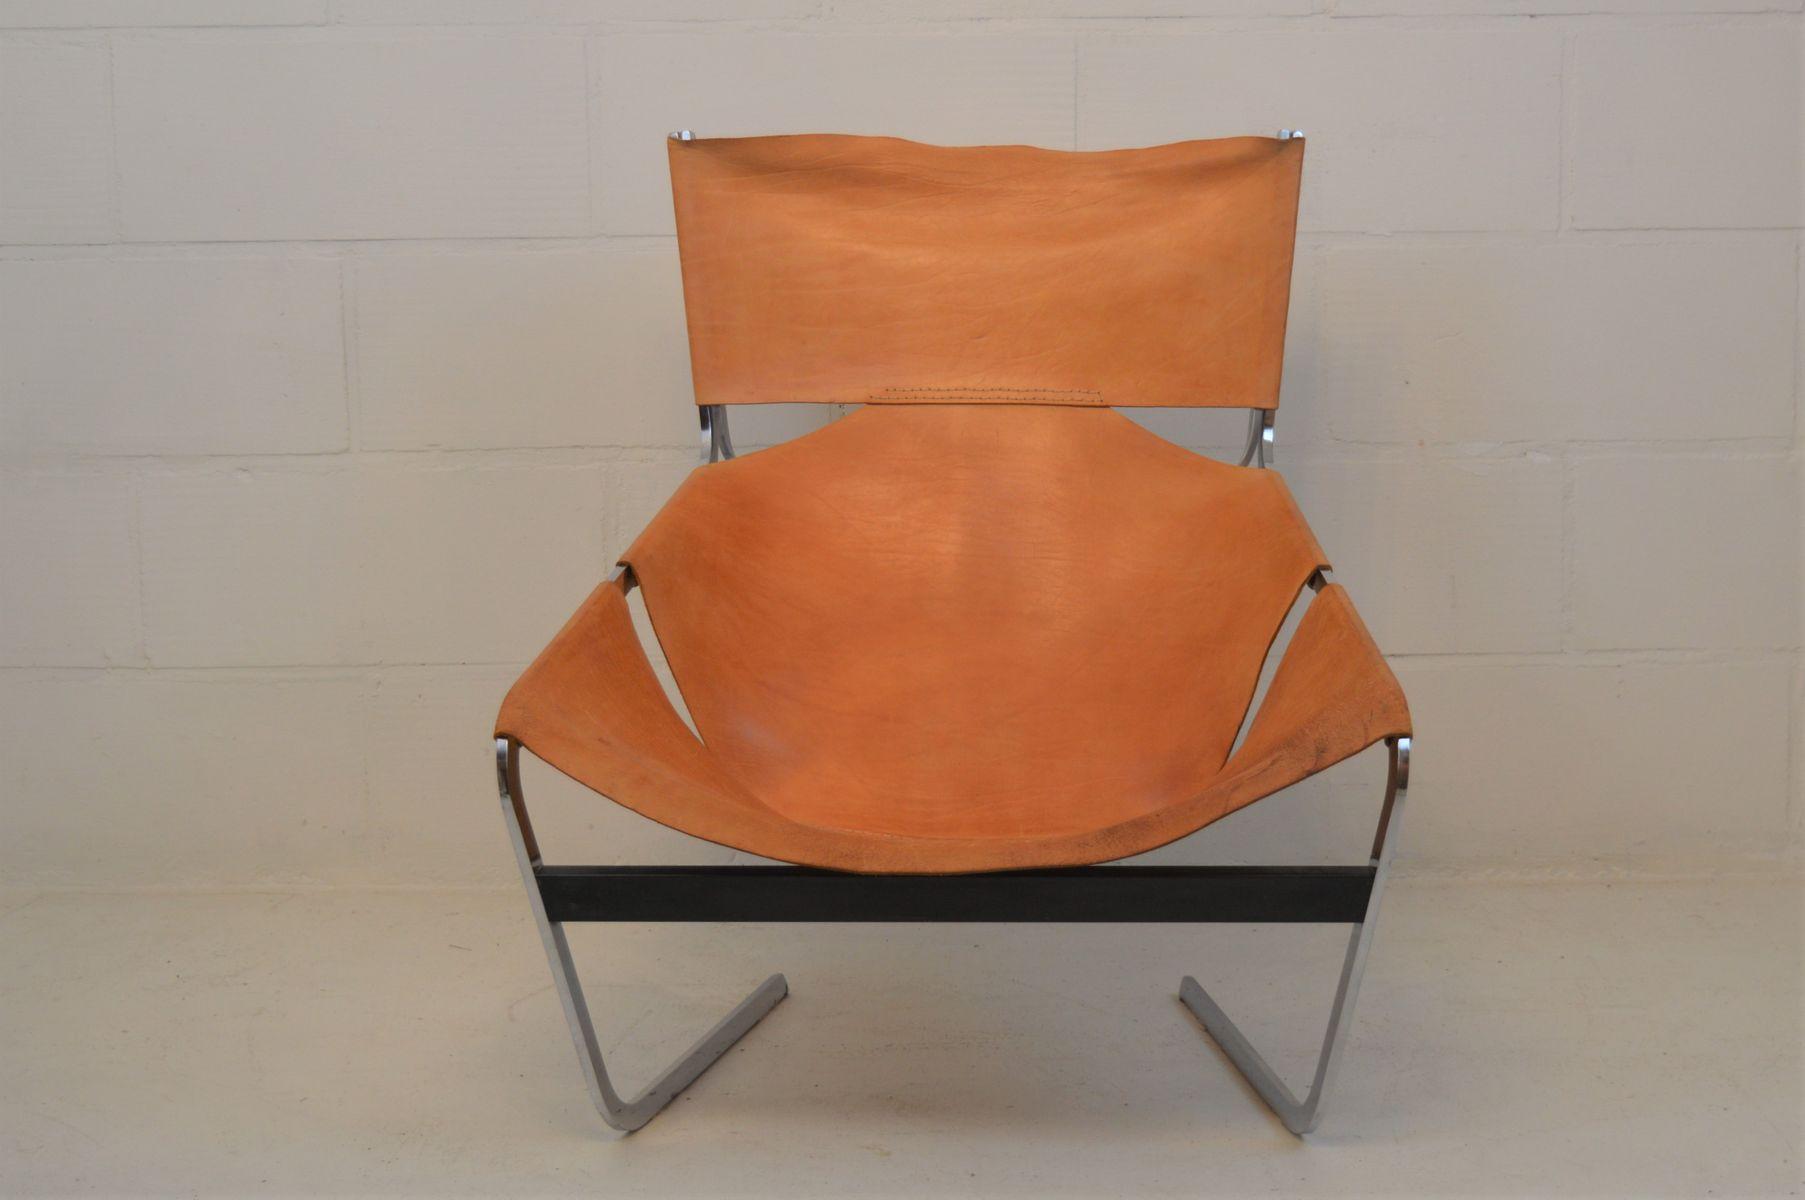 fauteuil f444 par pierre paulin pour artifort 1963 en vente sur pamono. Black Bedroom Furniture Sets. Home Design Ideas